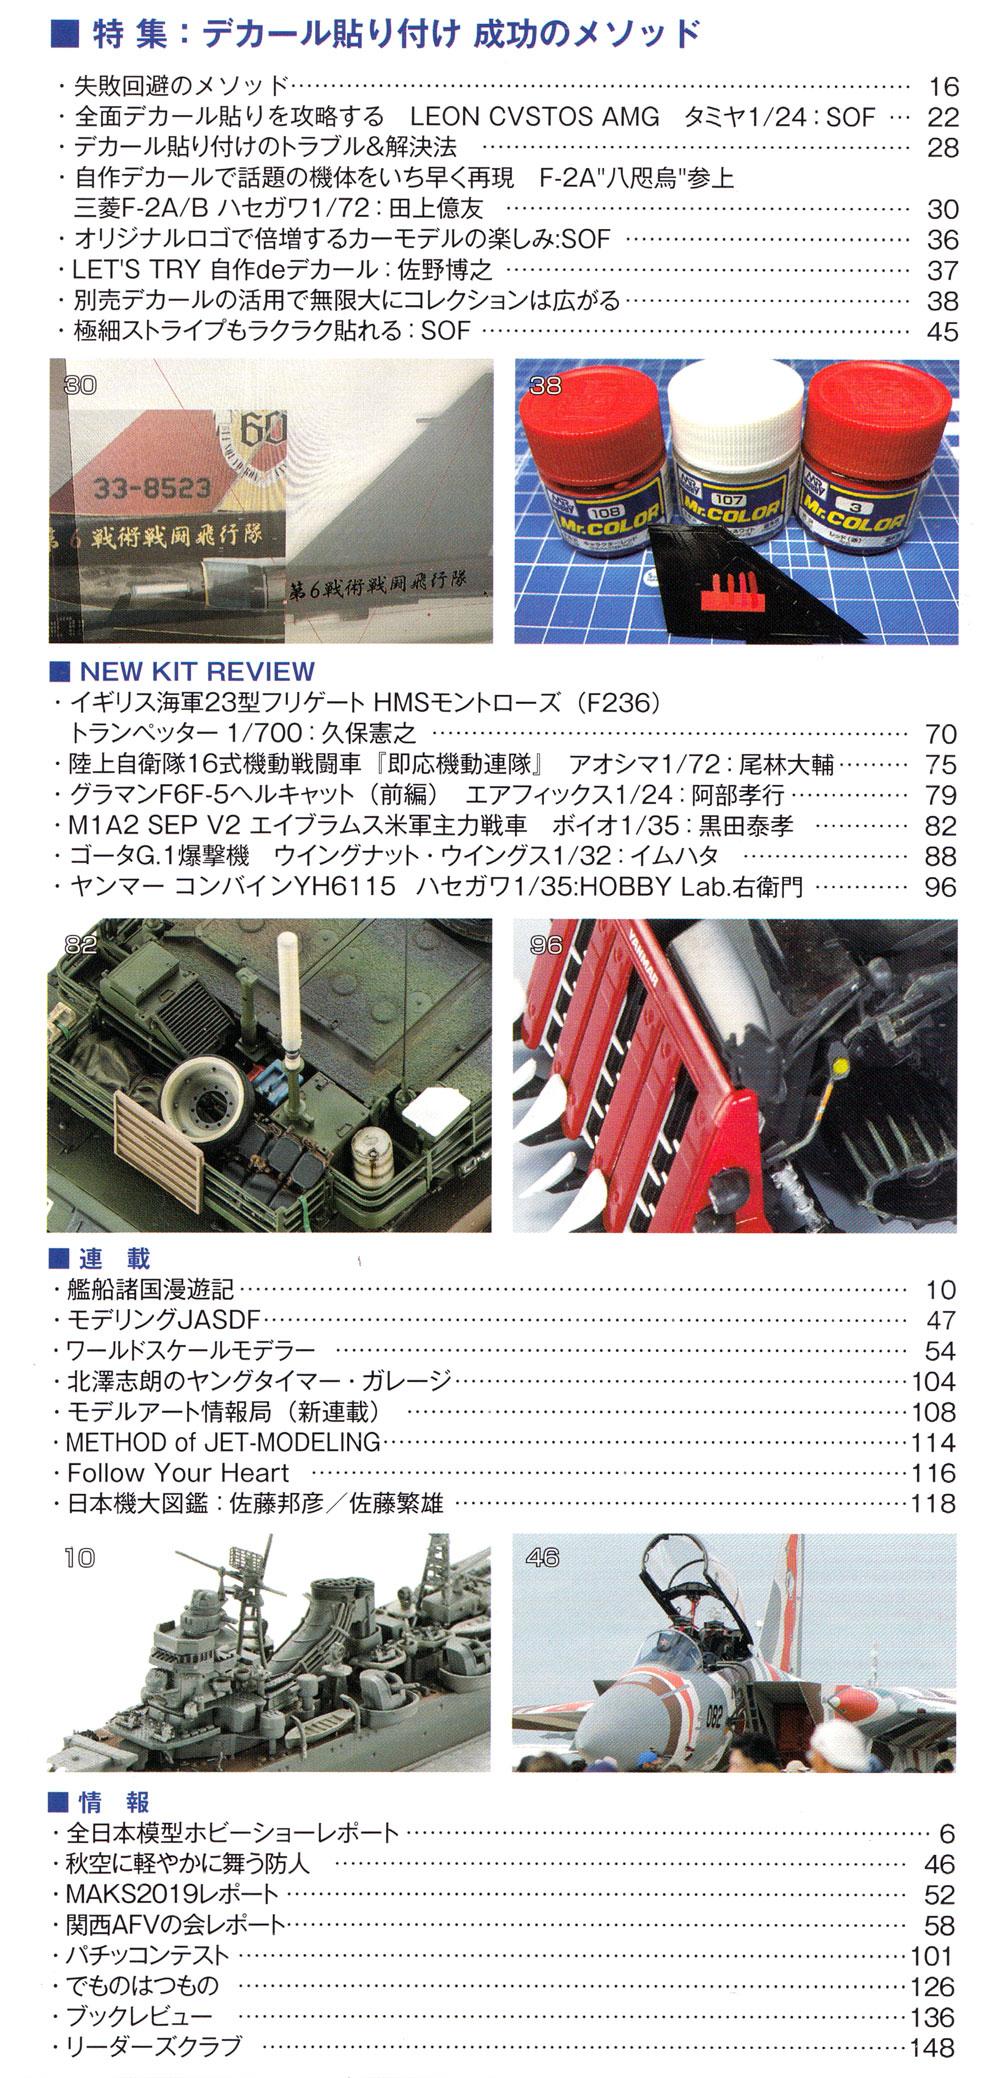 モデルアート 2019年12月号雑誌(モデルアート月刊 モデルアートNo.1026)商品画像_1